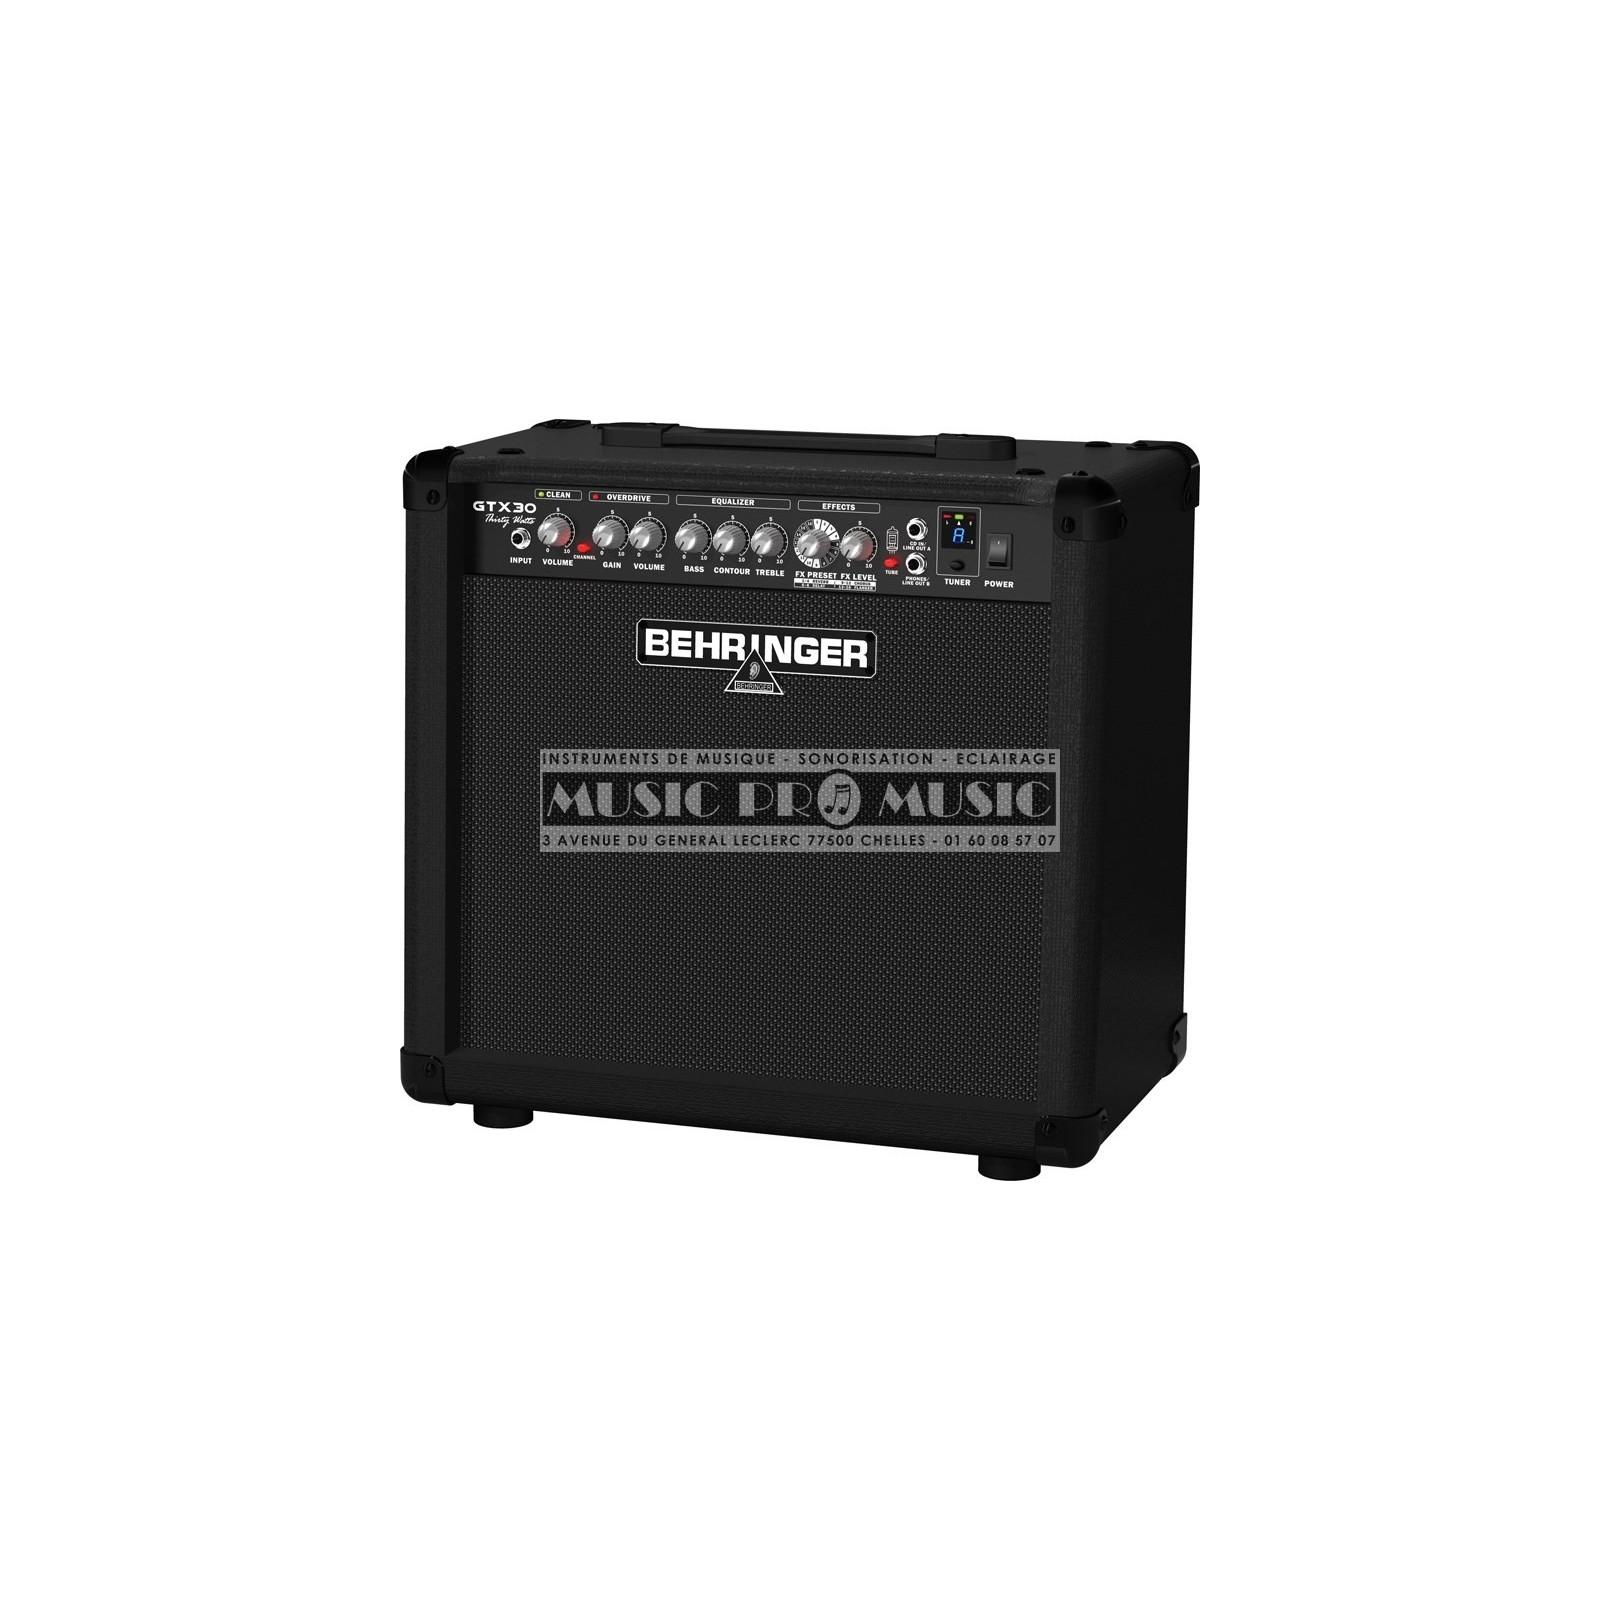 Behringer GTX30 - Ampli combo pour guitare electrique à ...